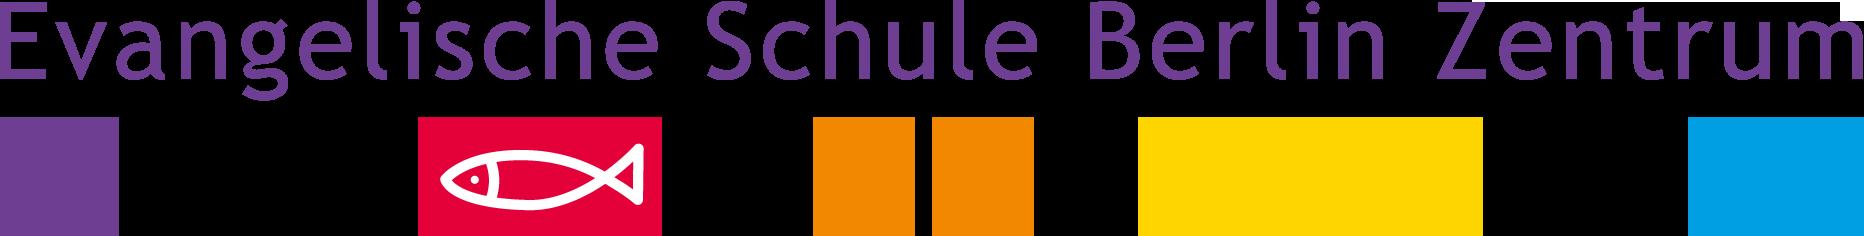 logo_esbz